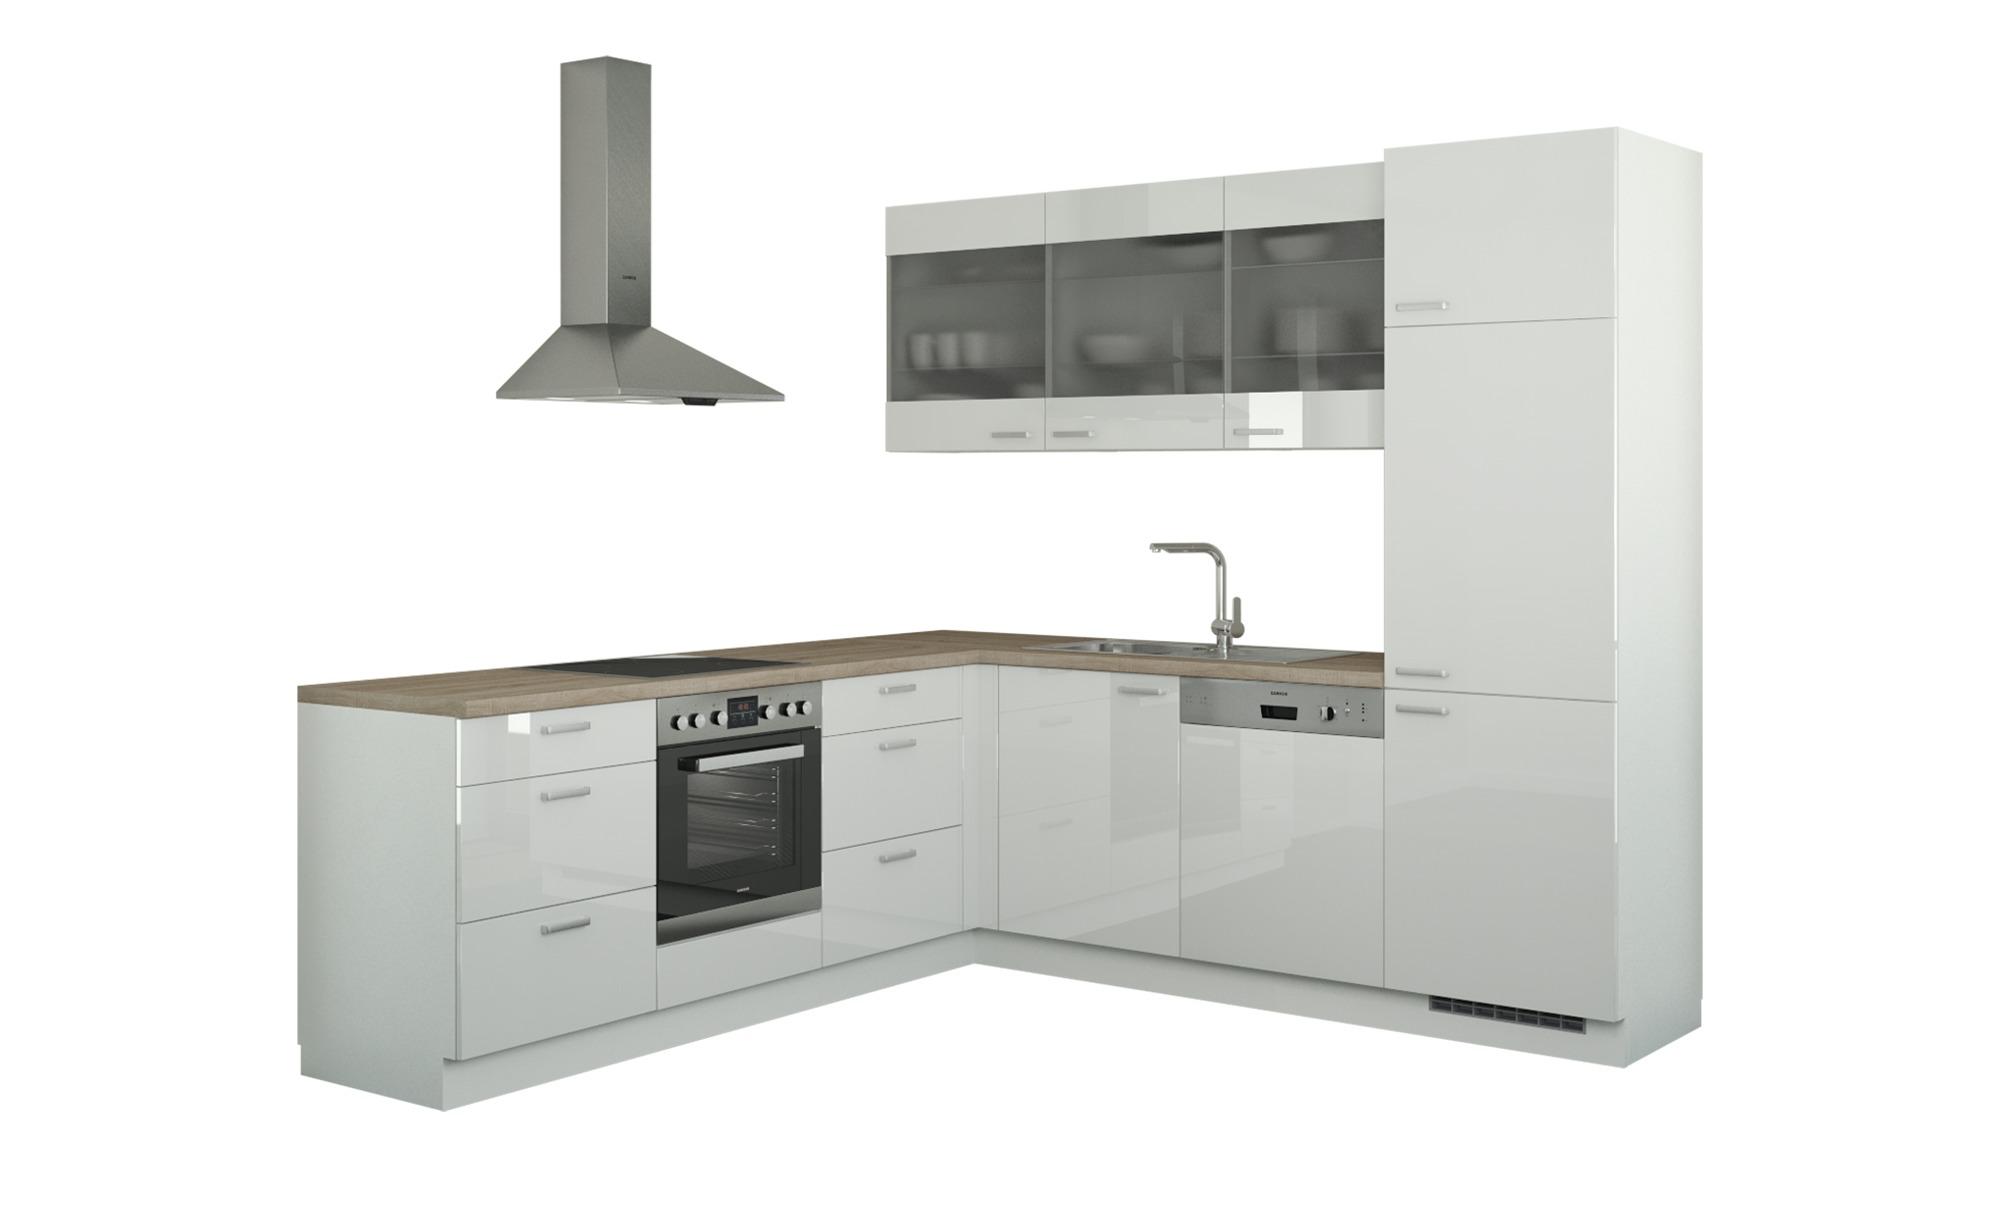 Winkelküche ohne Elektrogeräte  Sylt ¦ weiß Küchen > Küchenblöcke - Höffner